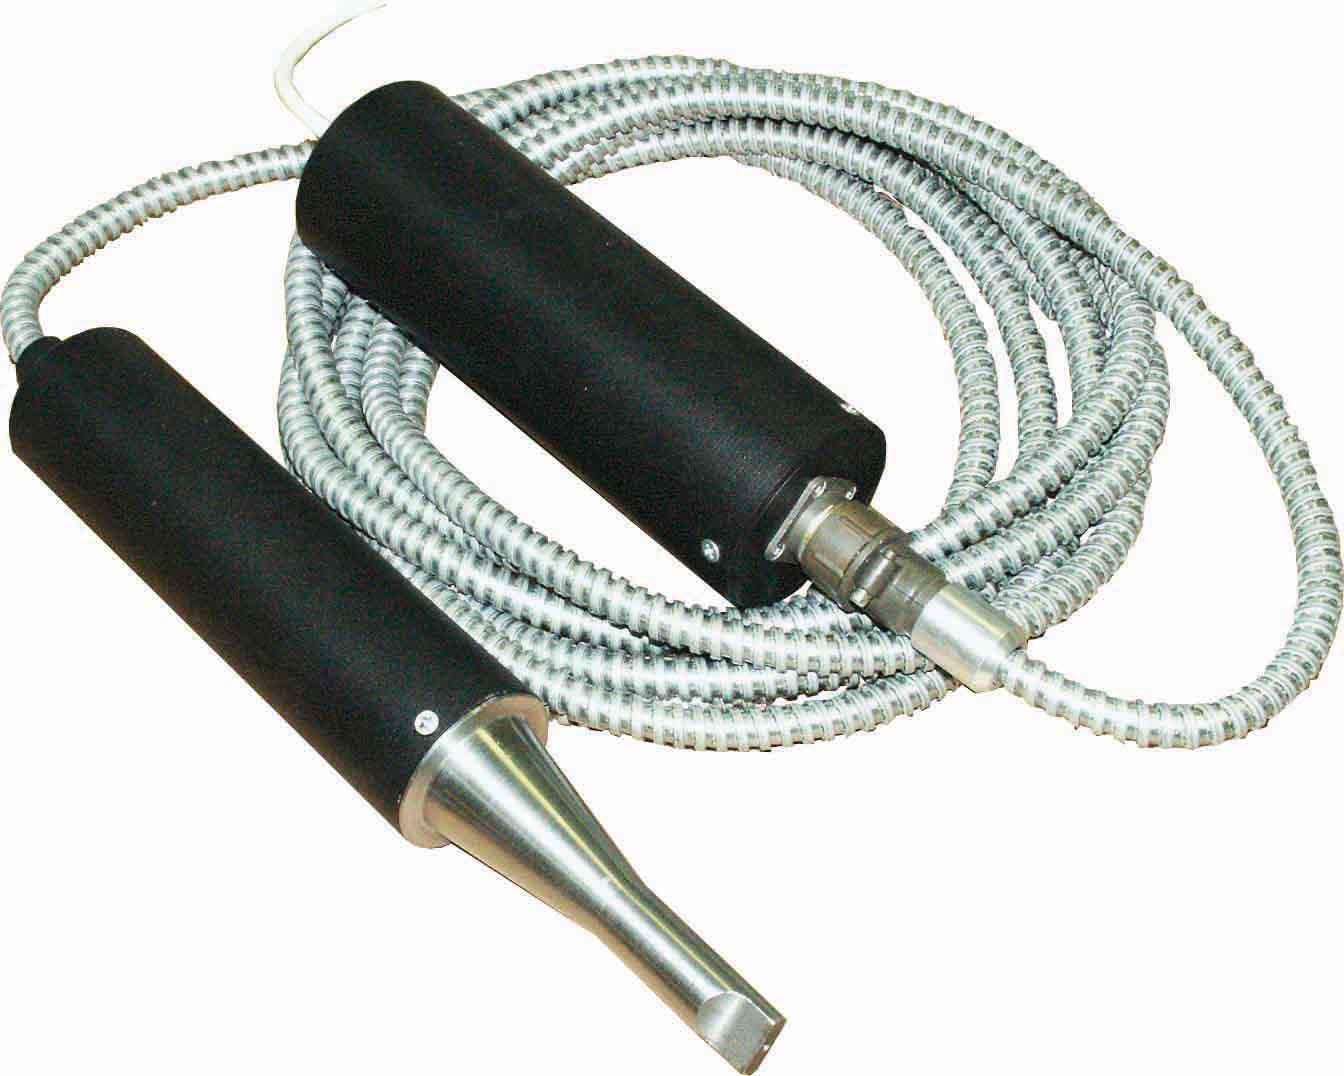 Ультразвуковая импульсная установка ИЛ-1МХ, генератор и преобразователь изготовлены в отдельных корпусах, соединительный кабель длиной 6 м в металлорукаве.